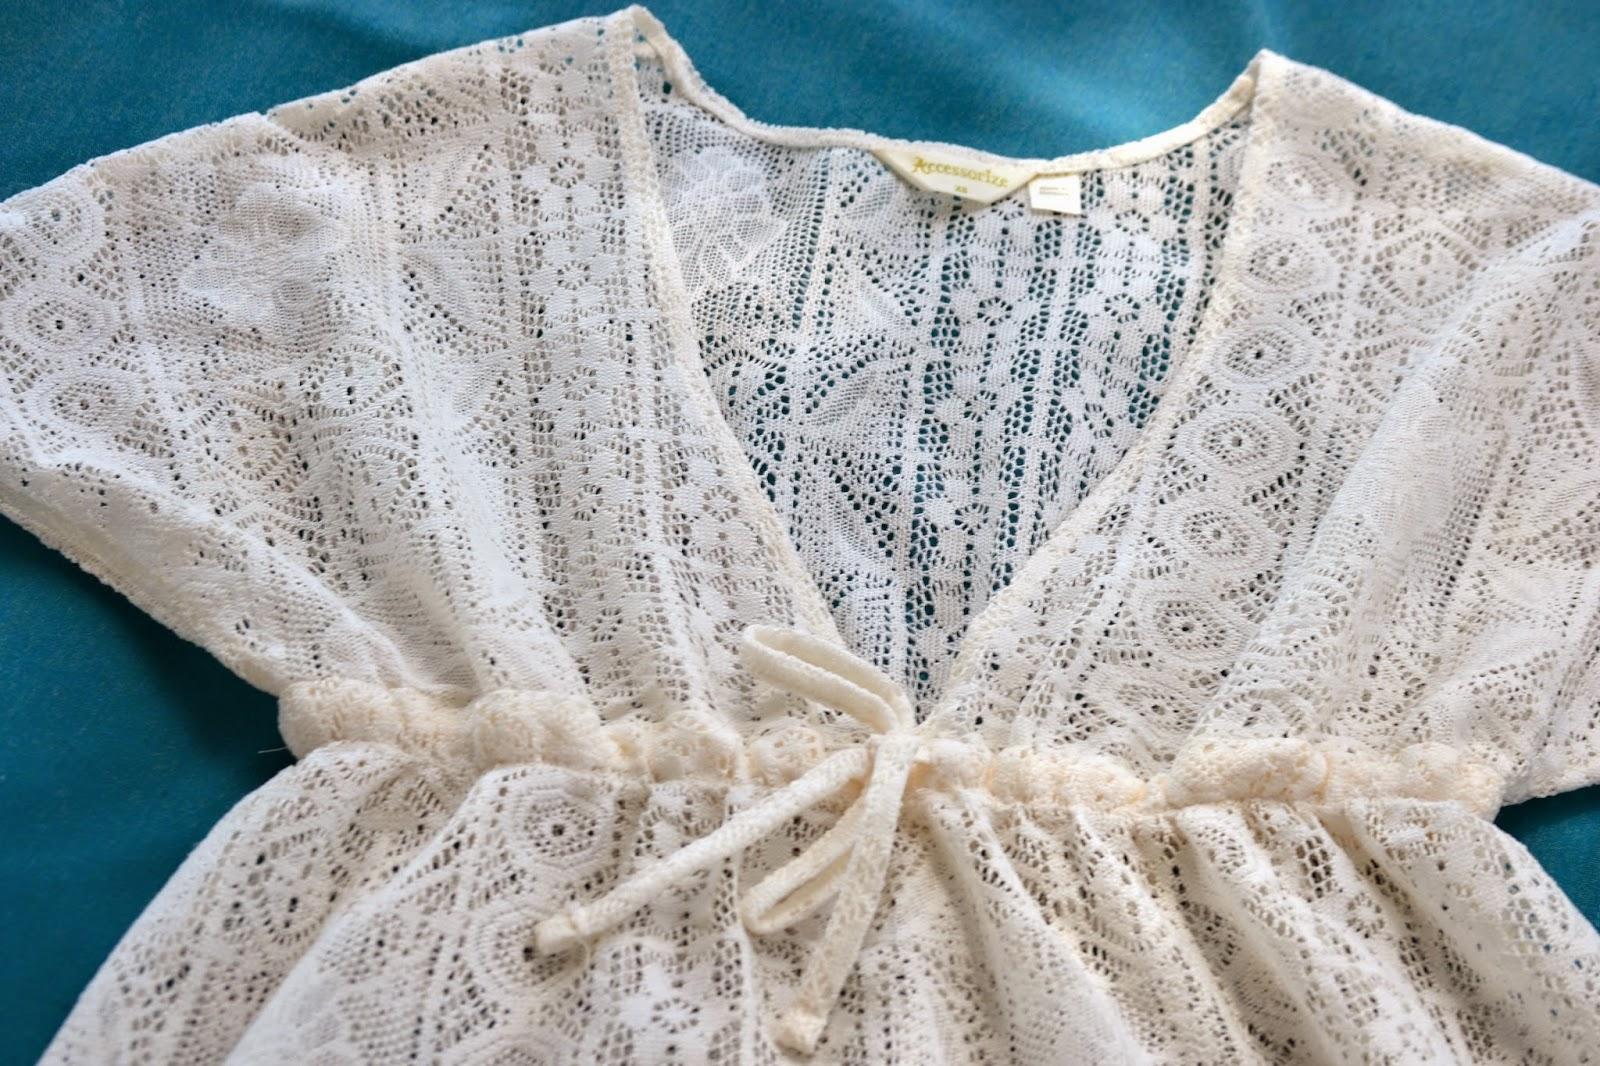 vestido playa blanco de accesorize, moda de verano